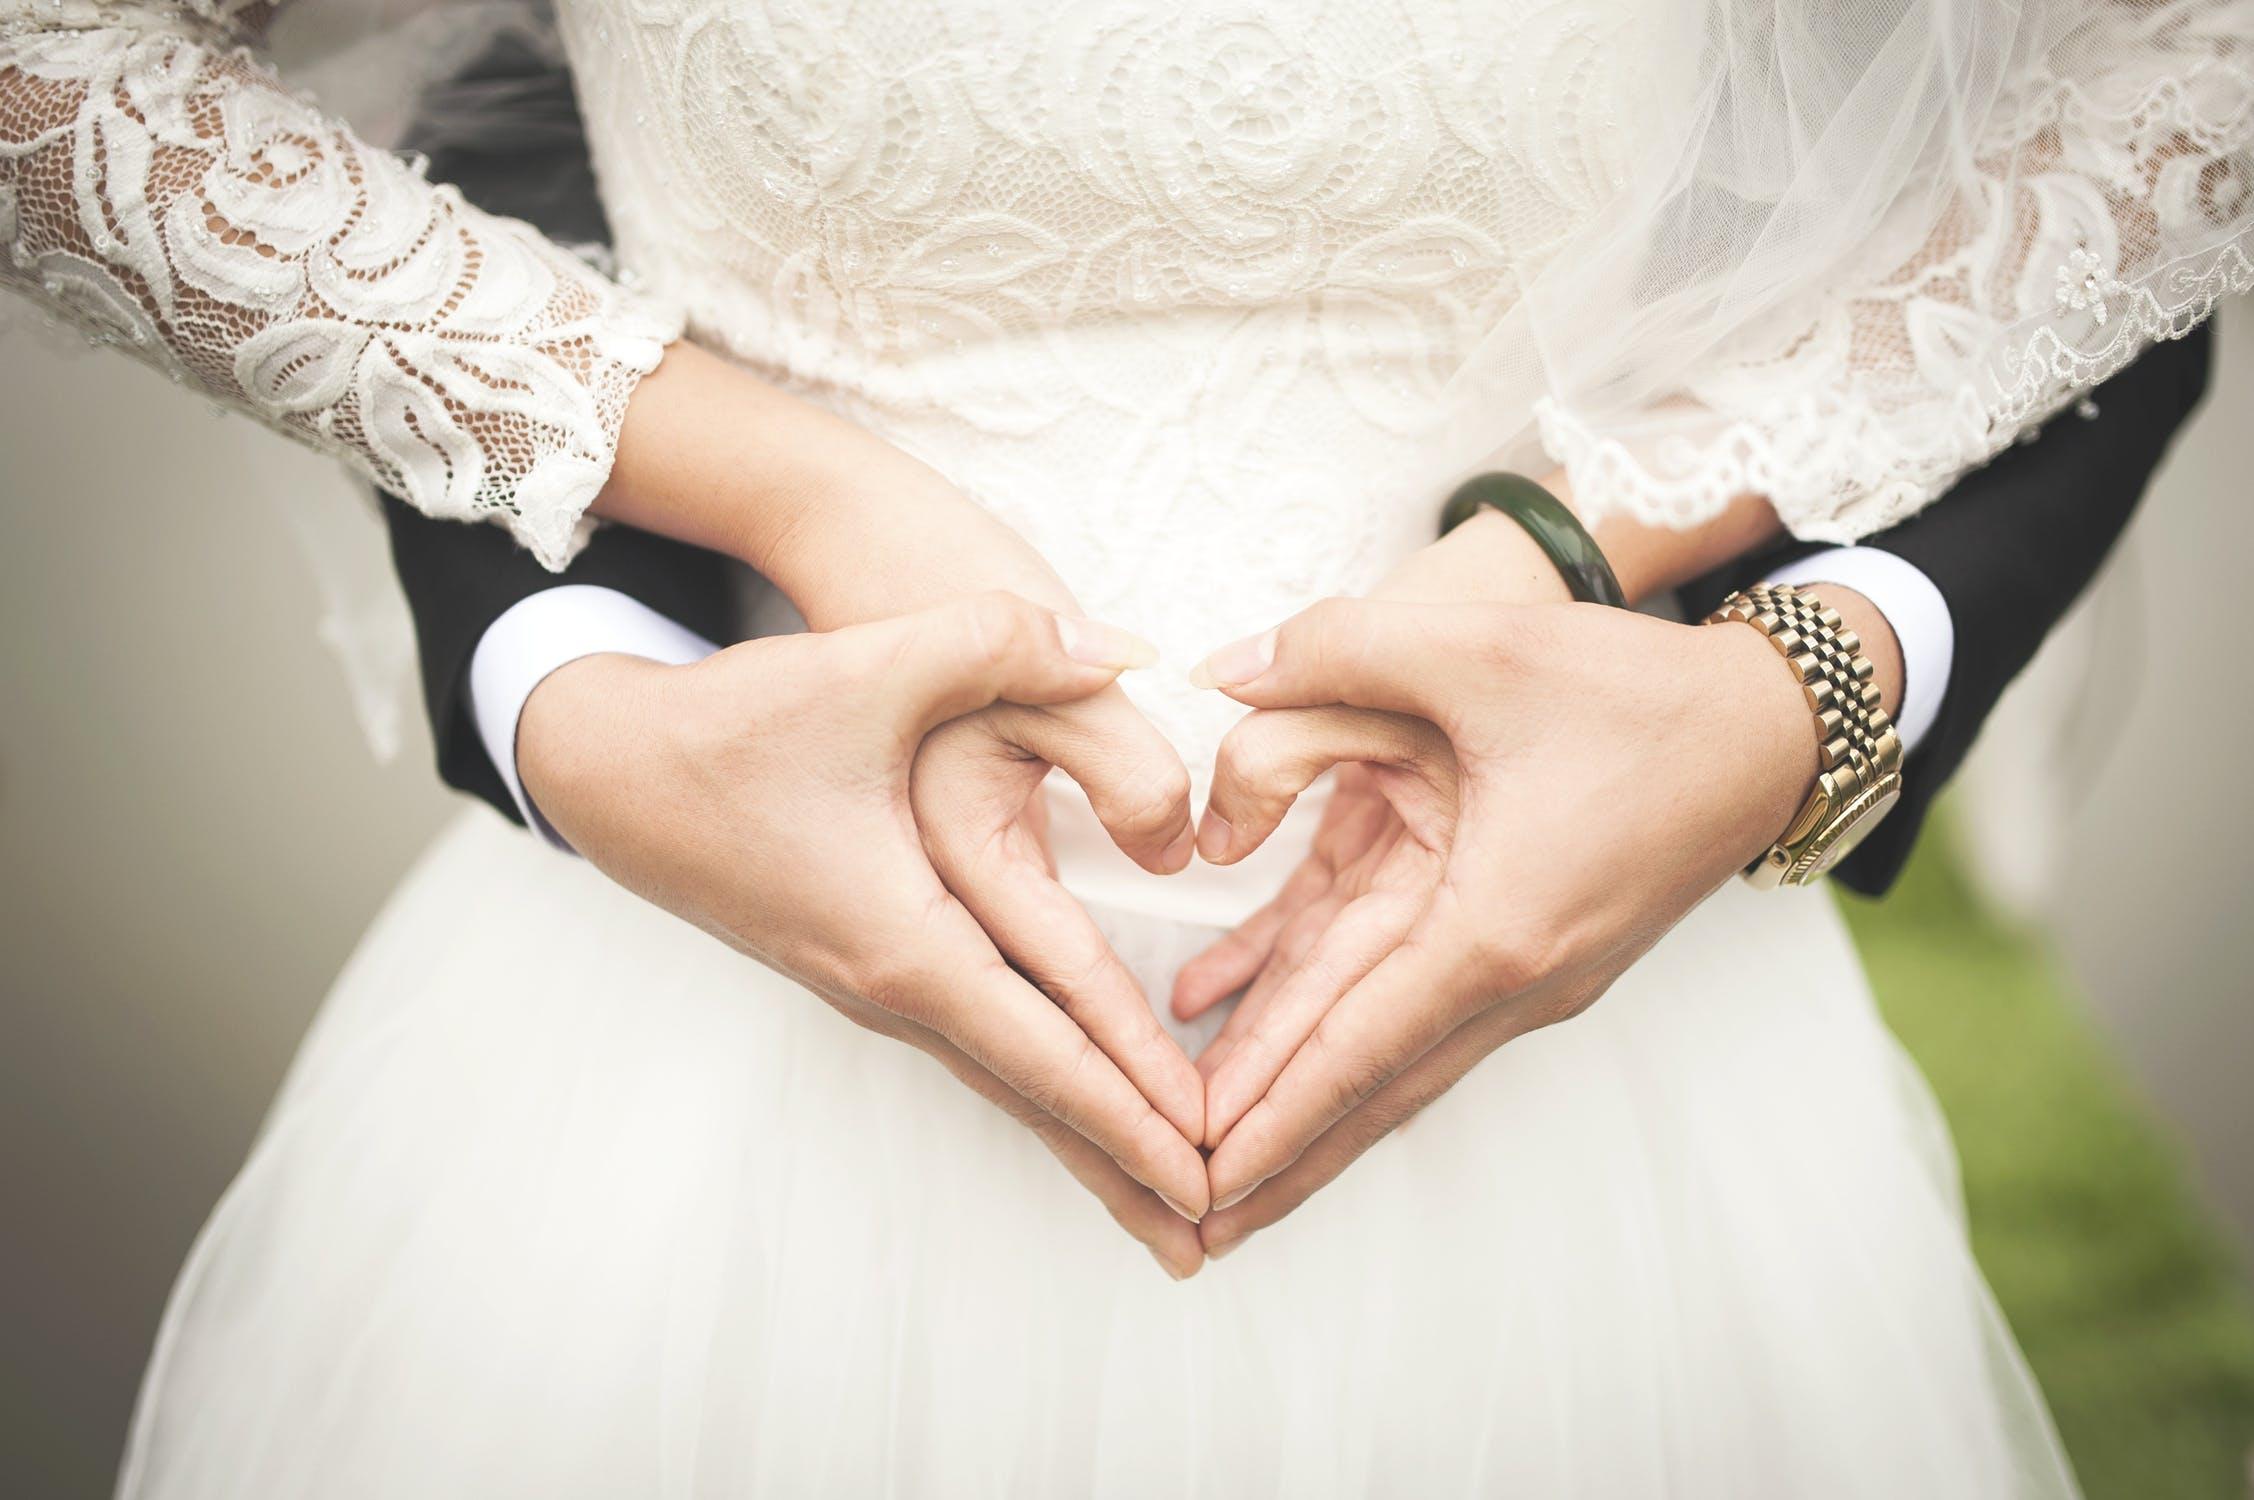 Grattis på bröllopsdagen